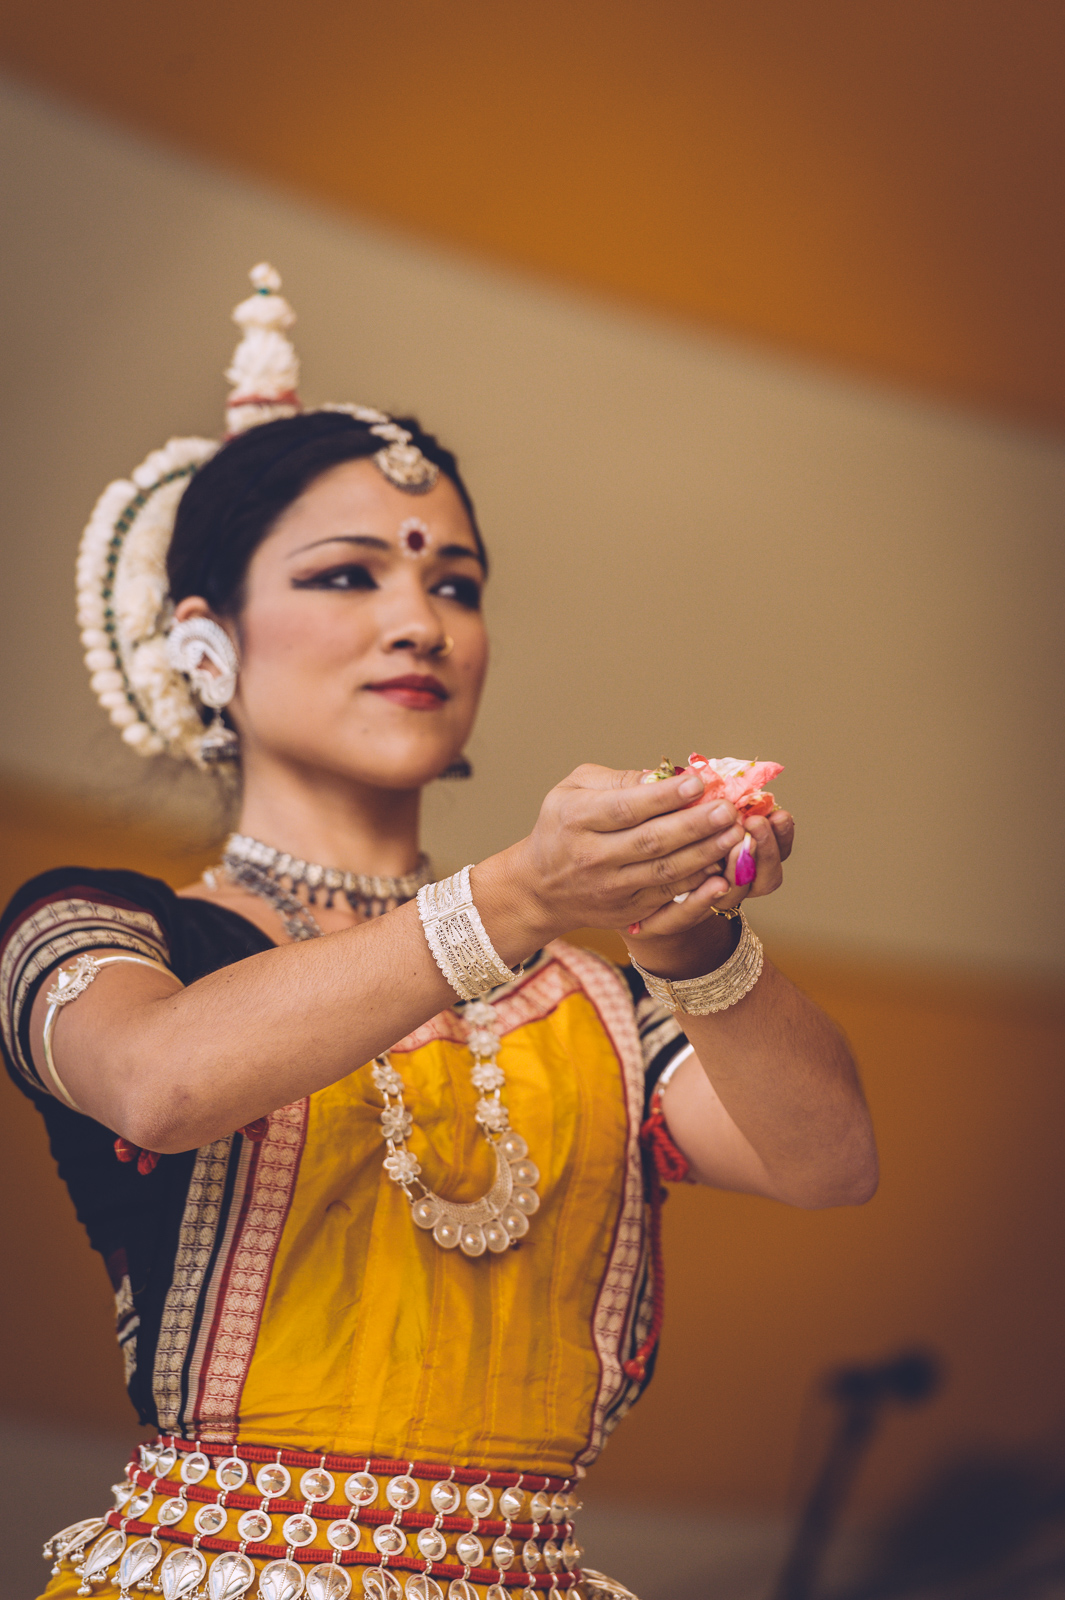 festival_of_india_2015_blog34.jpg